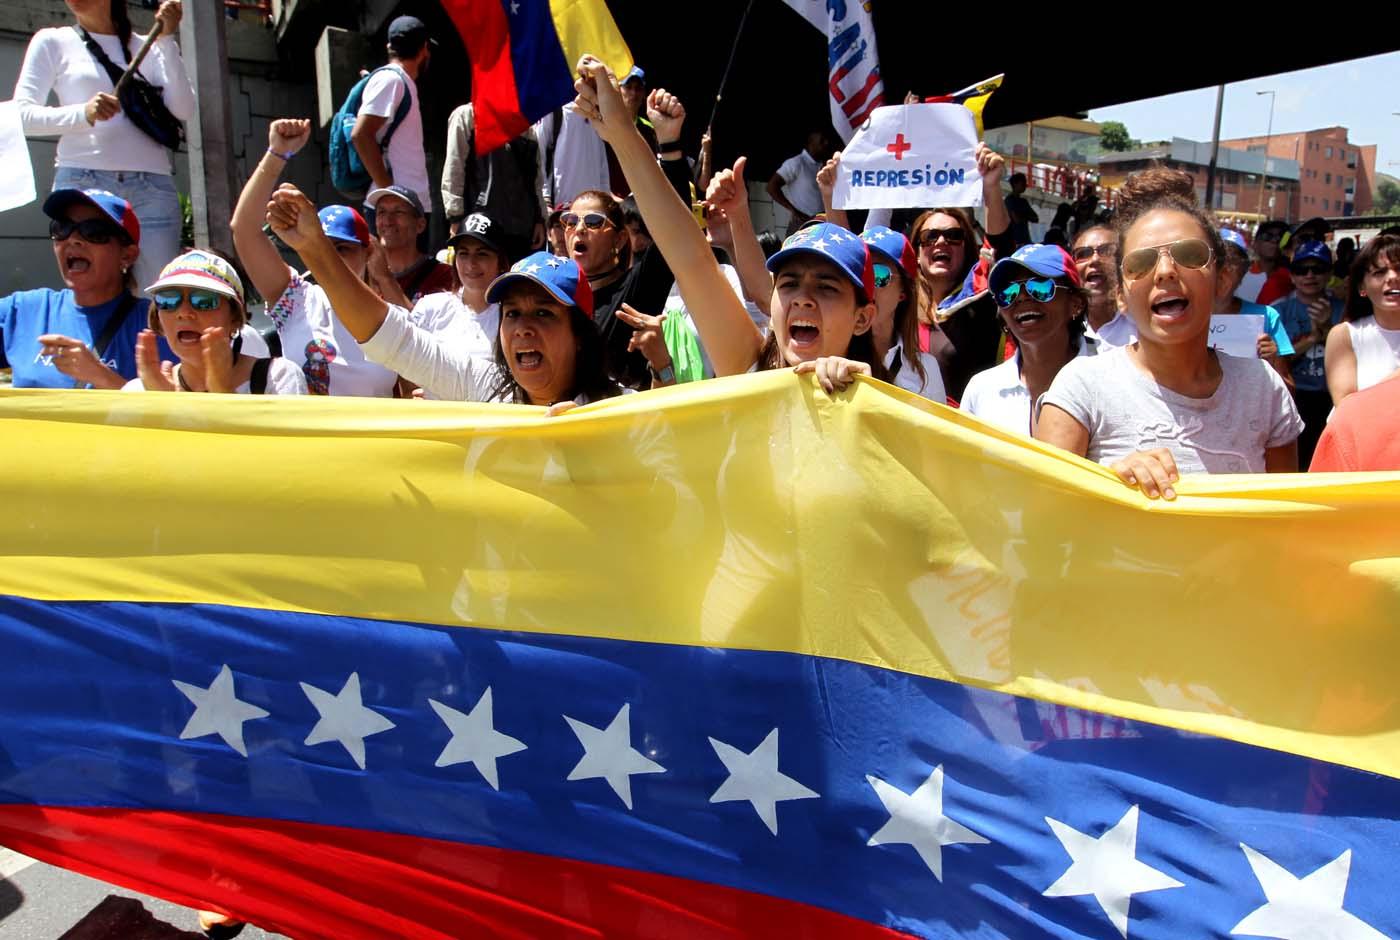 """-FOTODELDIA- VEN75. SAN ANTONIO DE LOS ALTOS (VENEZUELA), 25/05/2017-. Manifestantes marchan hoy, jueves 25 de mayo de 2017, por las principales vías en San Antonio de los Altos (Venezuela). Cientos de opositores venezolanos marcharon hoy en los Altos Mirandinos del céntrico estado Miranda, como """"tributo"""" a los habitantes de esa zona que, según los dirigentes de oposición, han sido víctimas de """"represión brutal"""" durante las protestas que se han desarrollado en ese país. EFE/MAURICIO DUEÑAS CASTAÑEDA"""